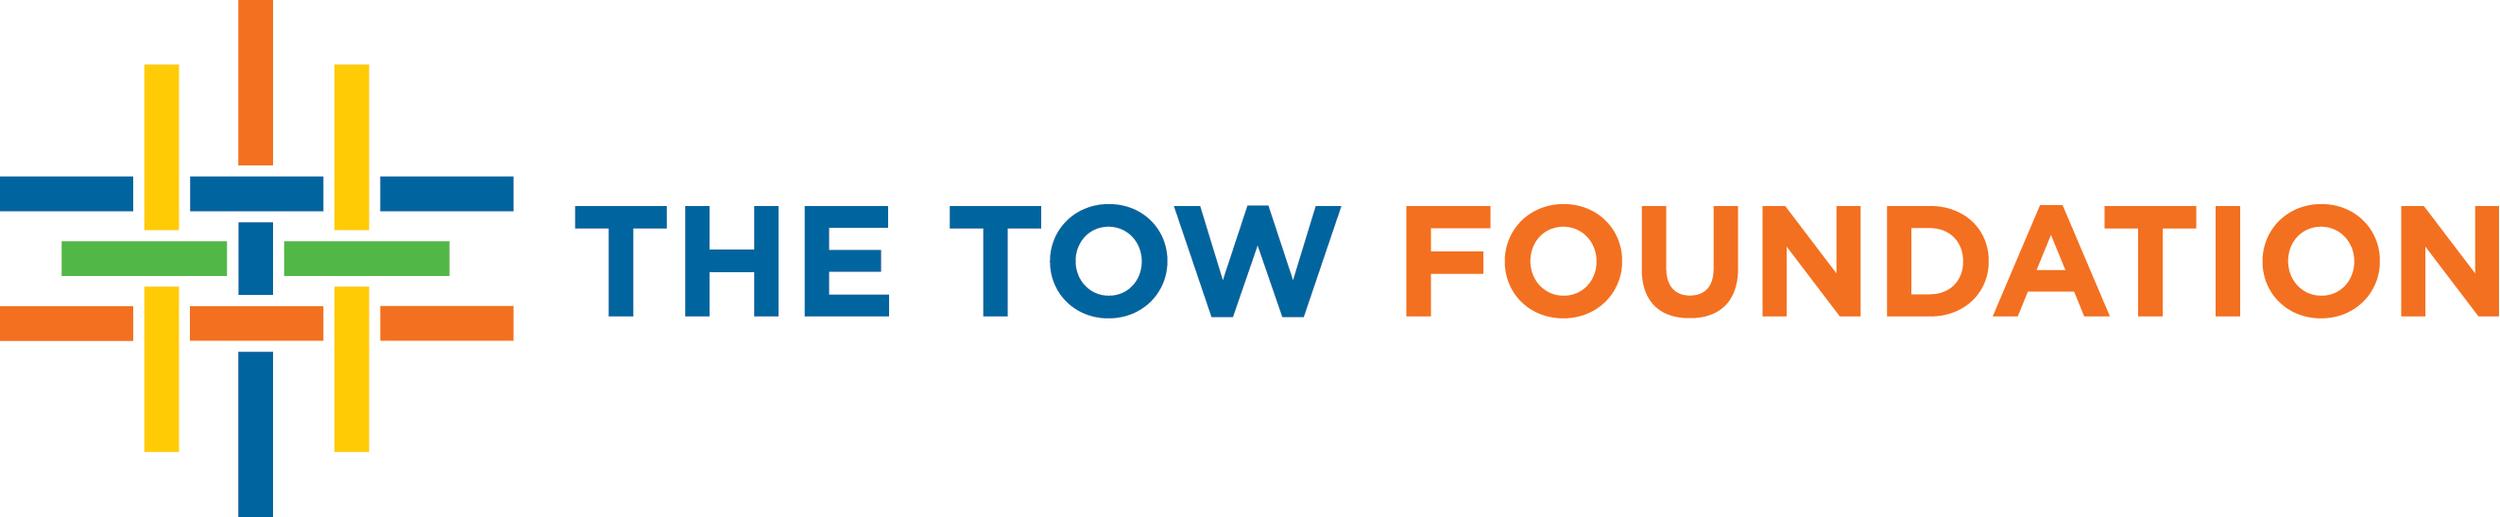 Tow_logo_horizontal.png